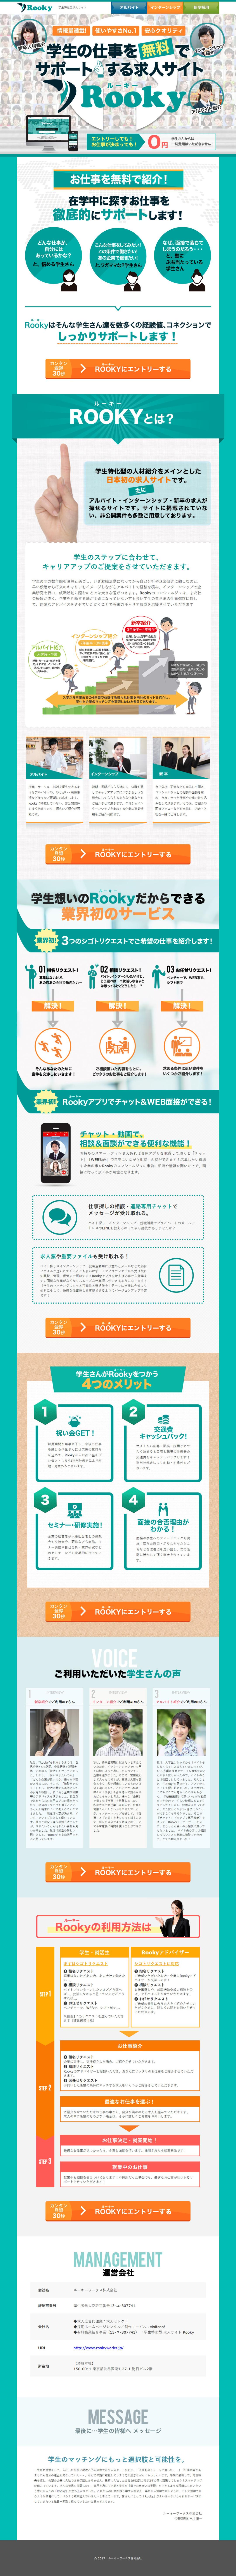 学生特化型求人サイト Rooky